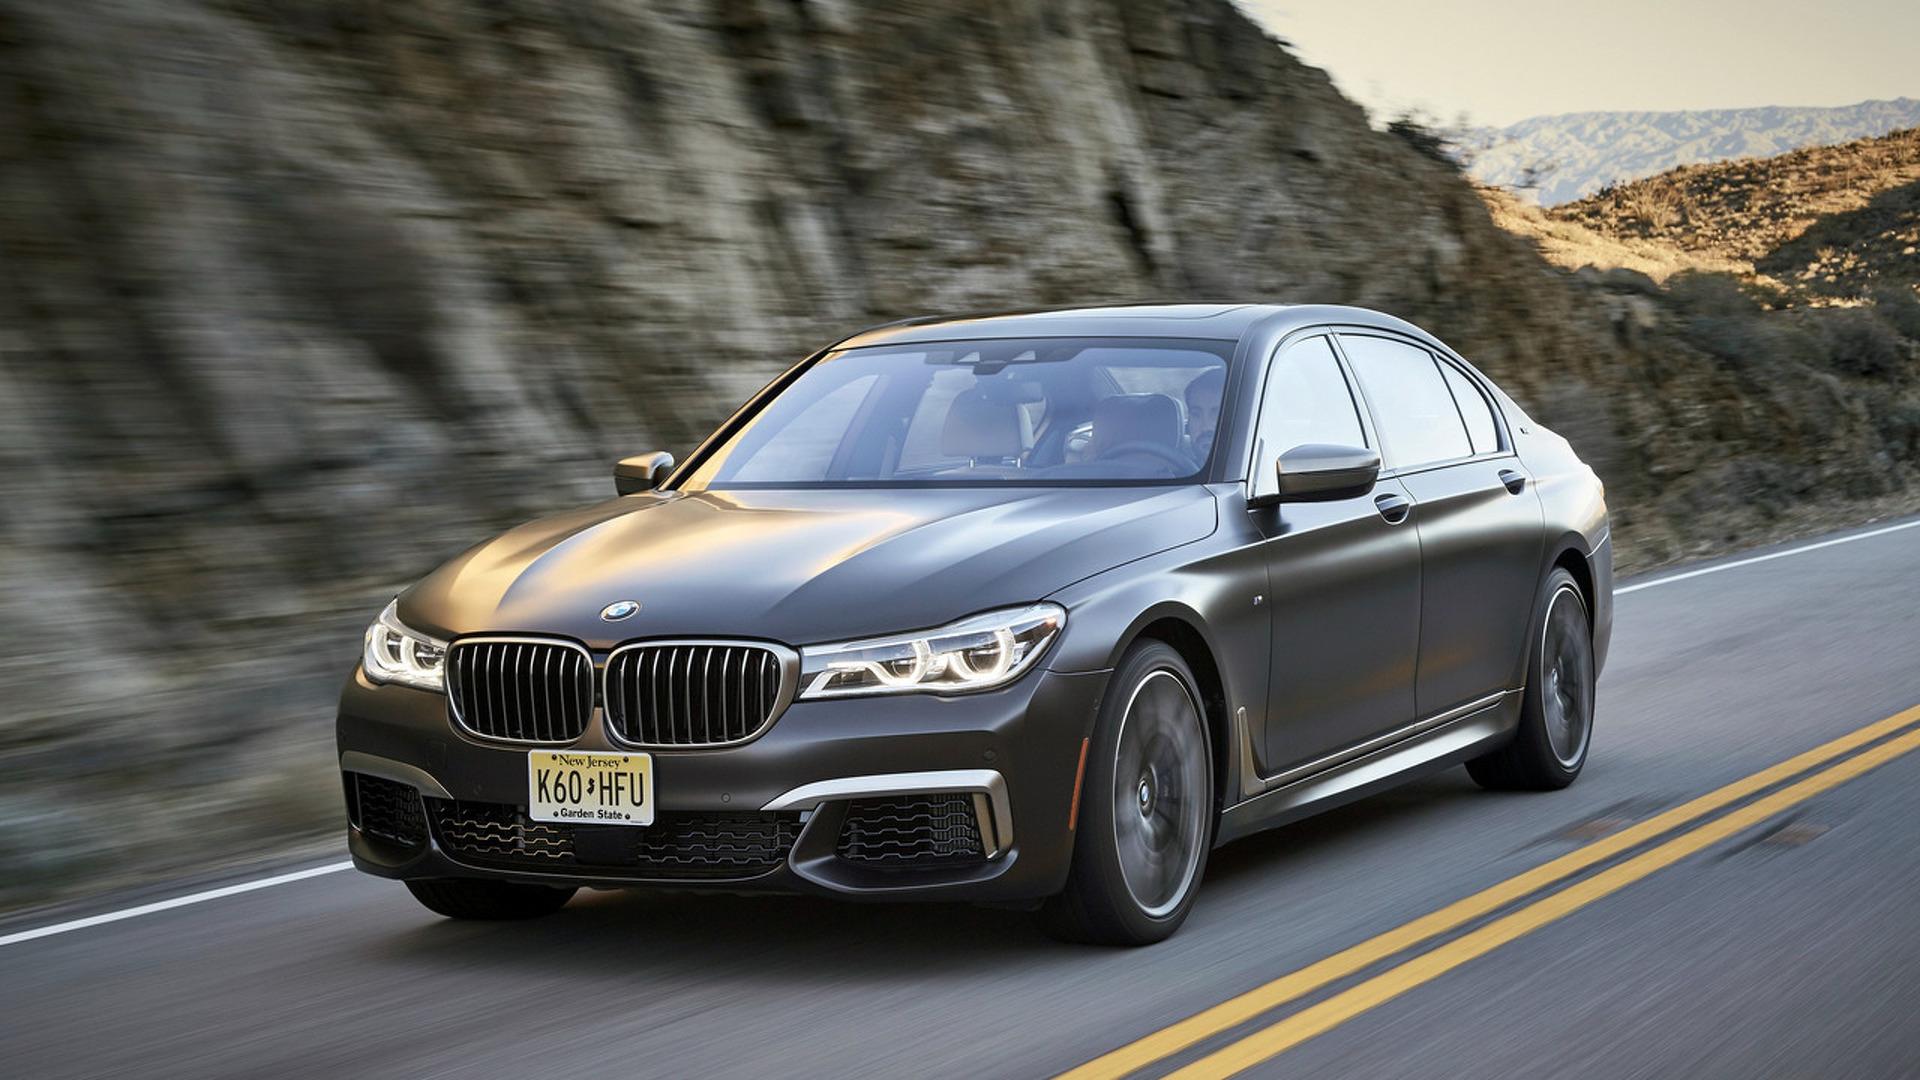 BMW rappelle la nouvelle M760Li à cause d'une fuite d'huile